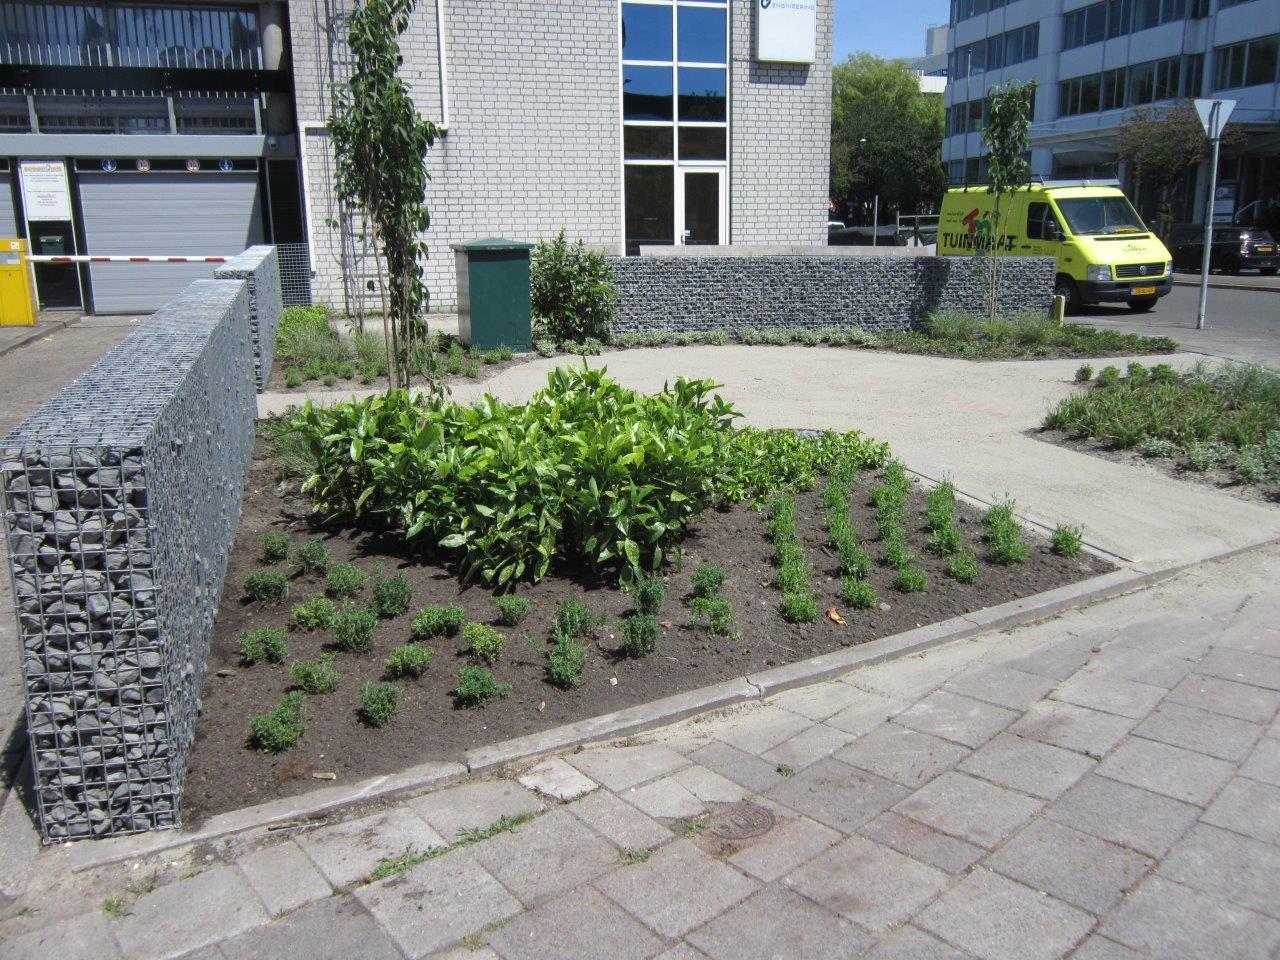 Renovatie bedrijfstuin Rijswijk<br>Juni 2016